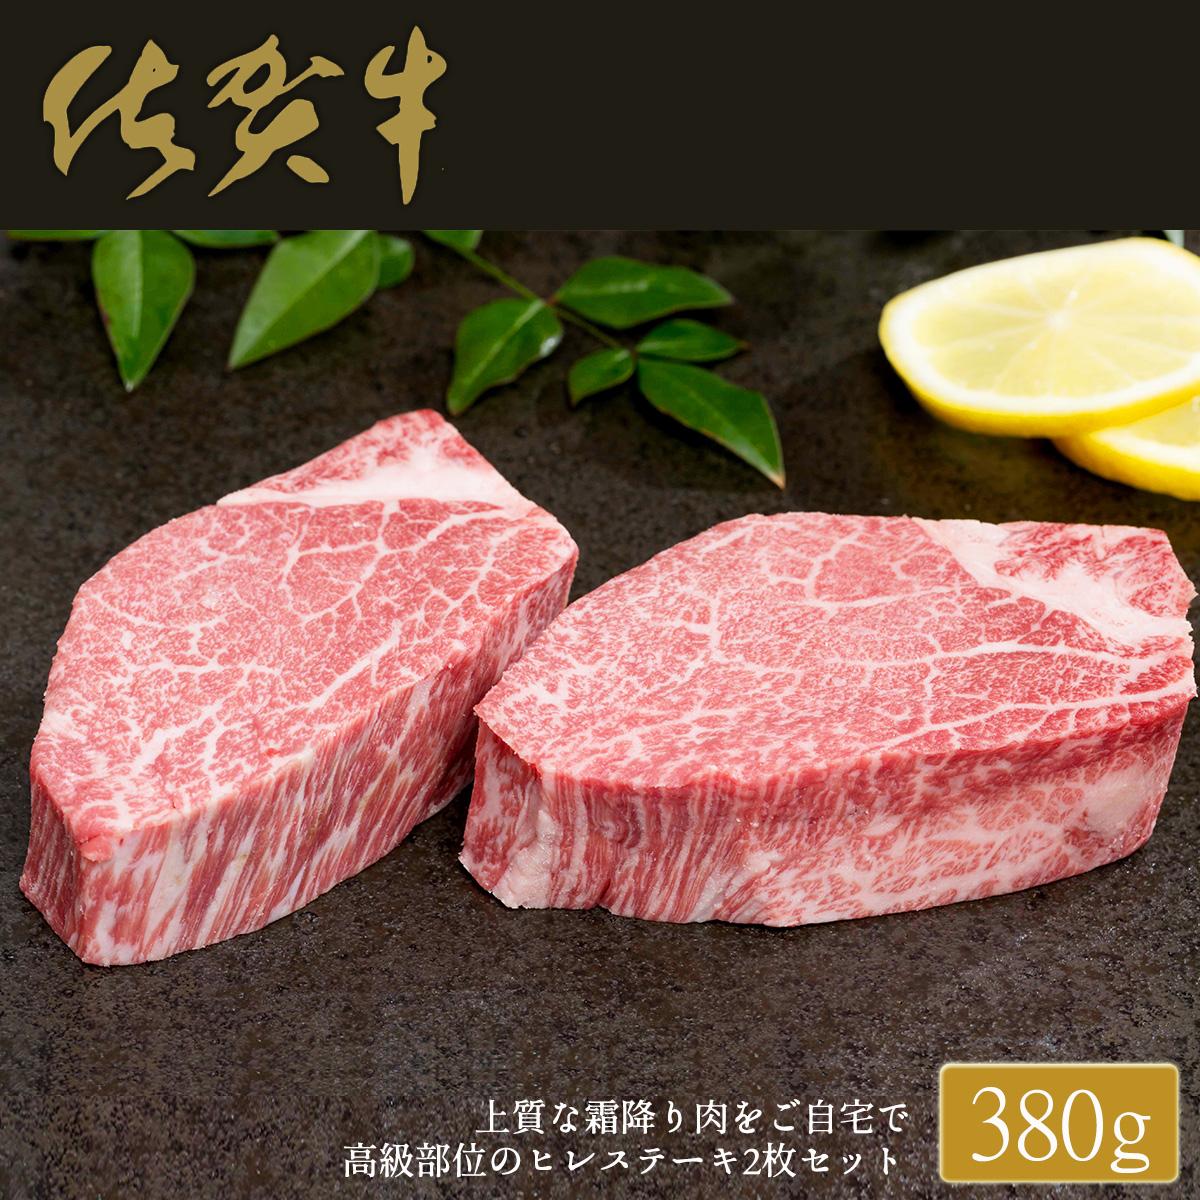 牛肉 佐賀牛 ヒレステーキ 売れ筋 人気上昇中 N50-5 ふるさと納税 380g 2枚で ブランド牛の高級部位 佐賀牛ヒレステーキ